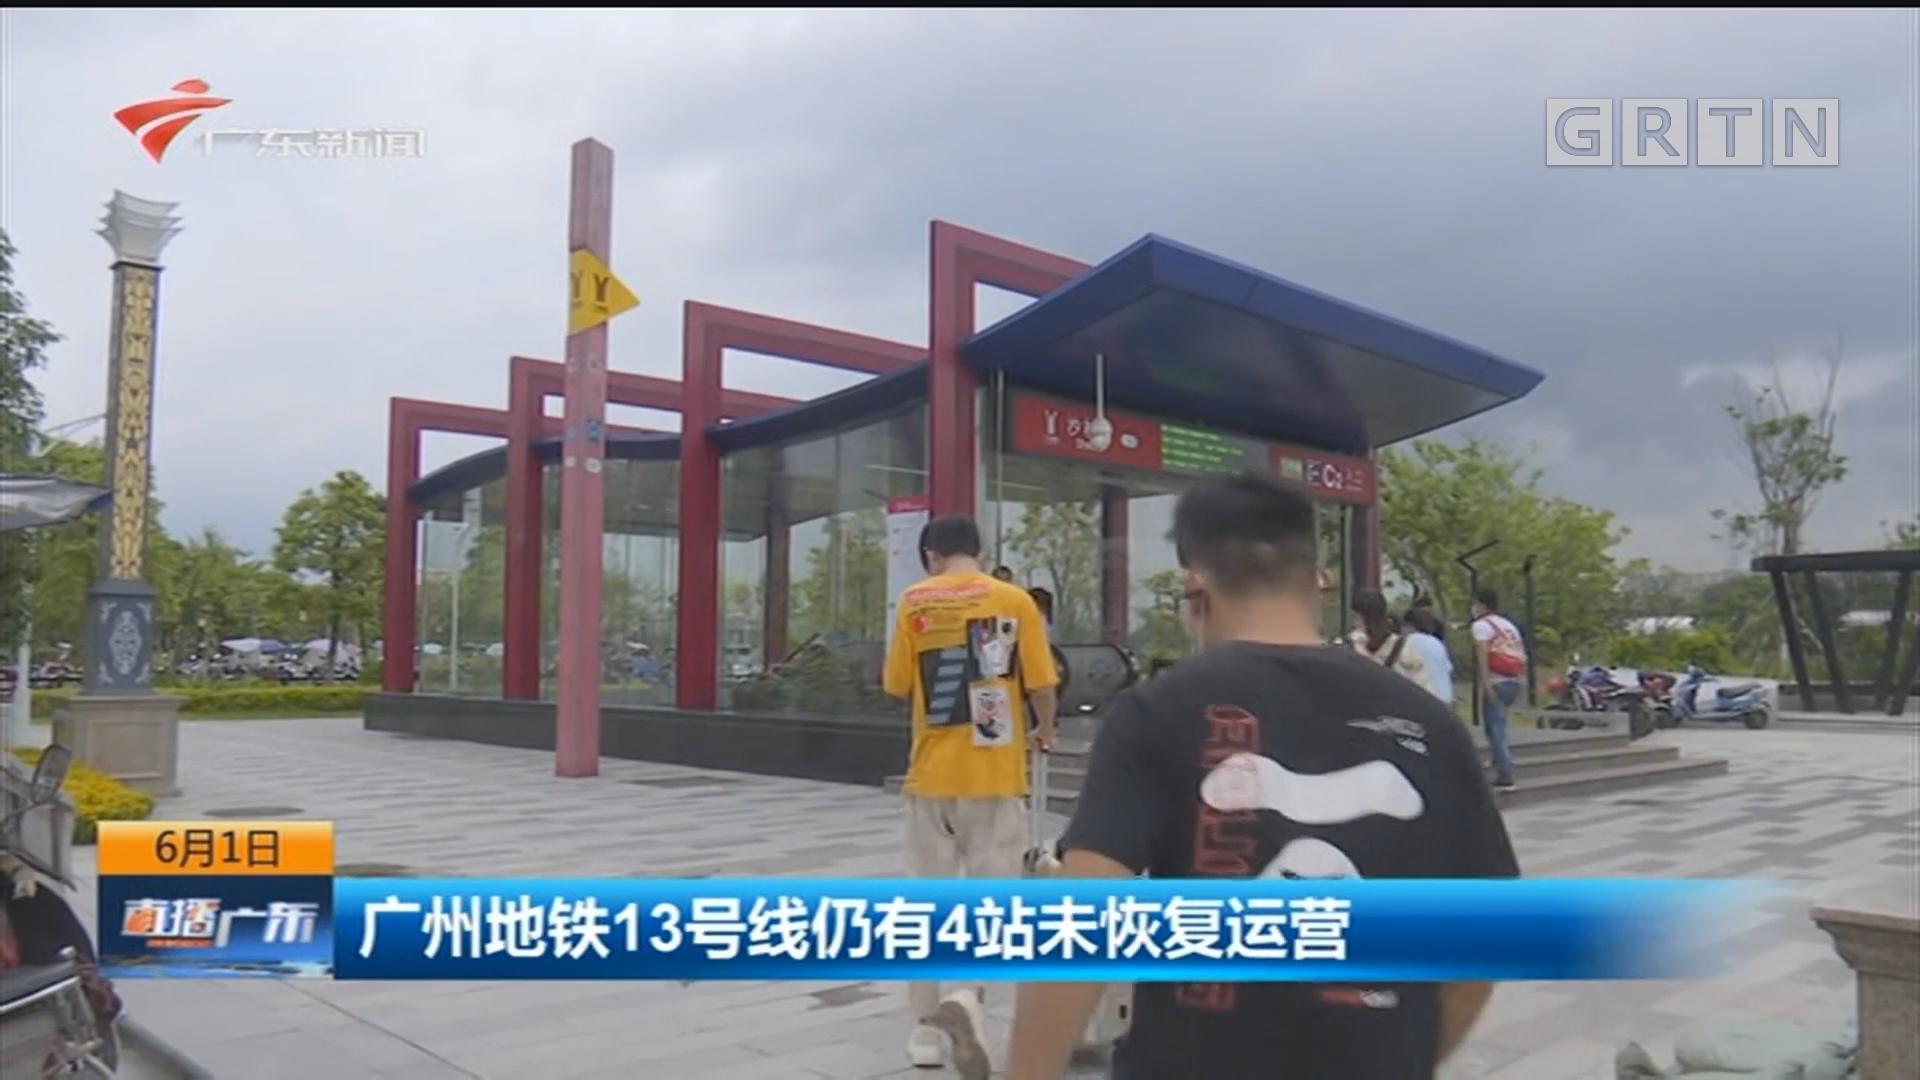 广州地铁13号线仍有4站未恢复运营